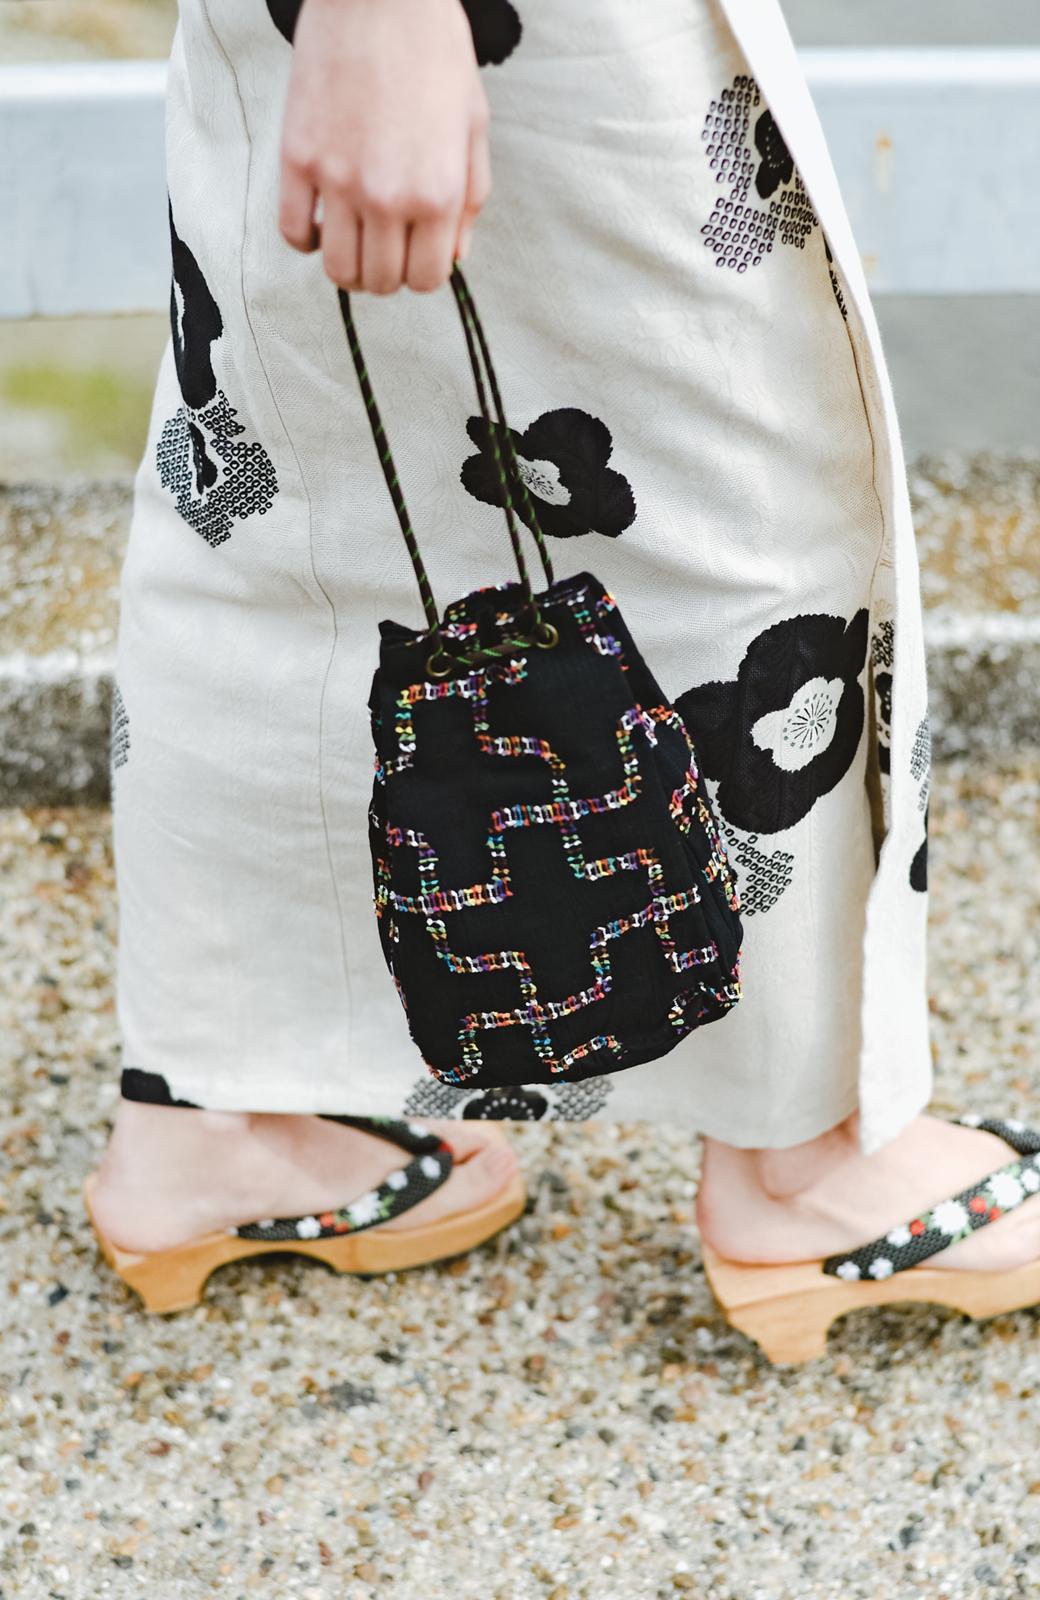 haco! ひでや工房 京都のからみ織ジャカード浴衣 <ブラック系その他>の商品写真8